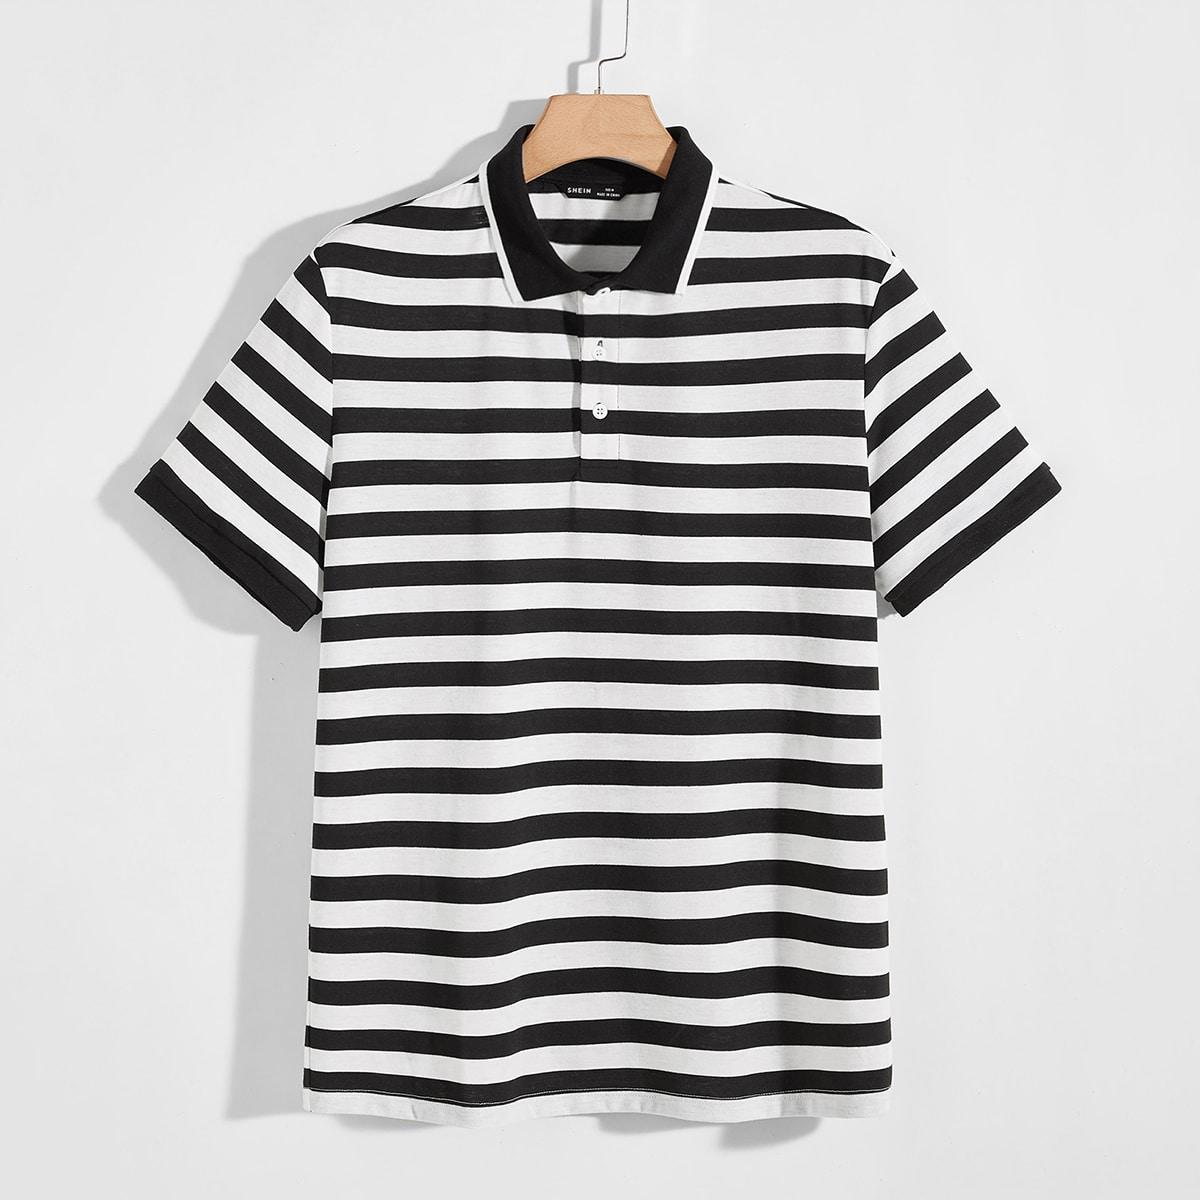 Мужская двухцветная рубашка-поло в полоску по цене 940